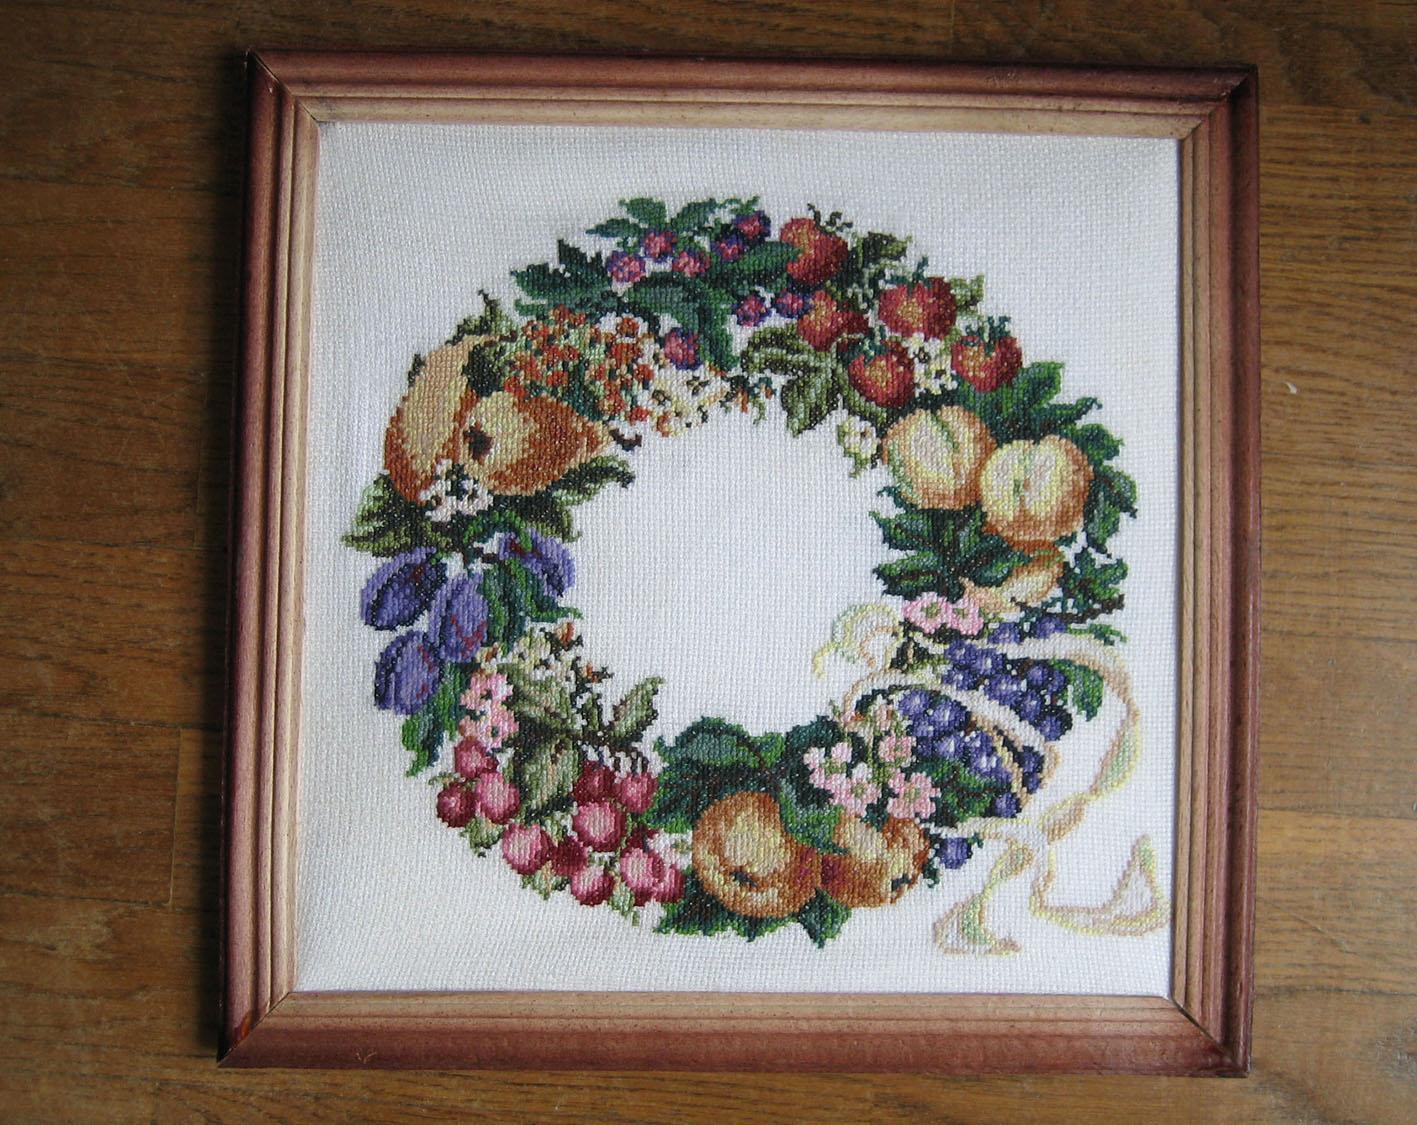 Фруктово-цветочная композиция. Вышивальный конкурс 'Я цветочки вышивала...'